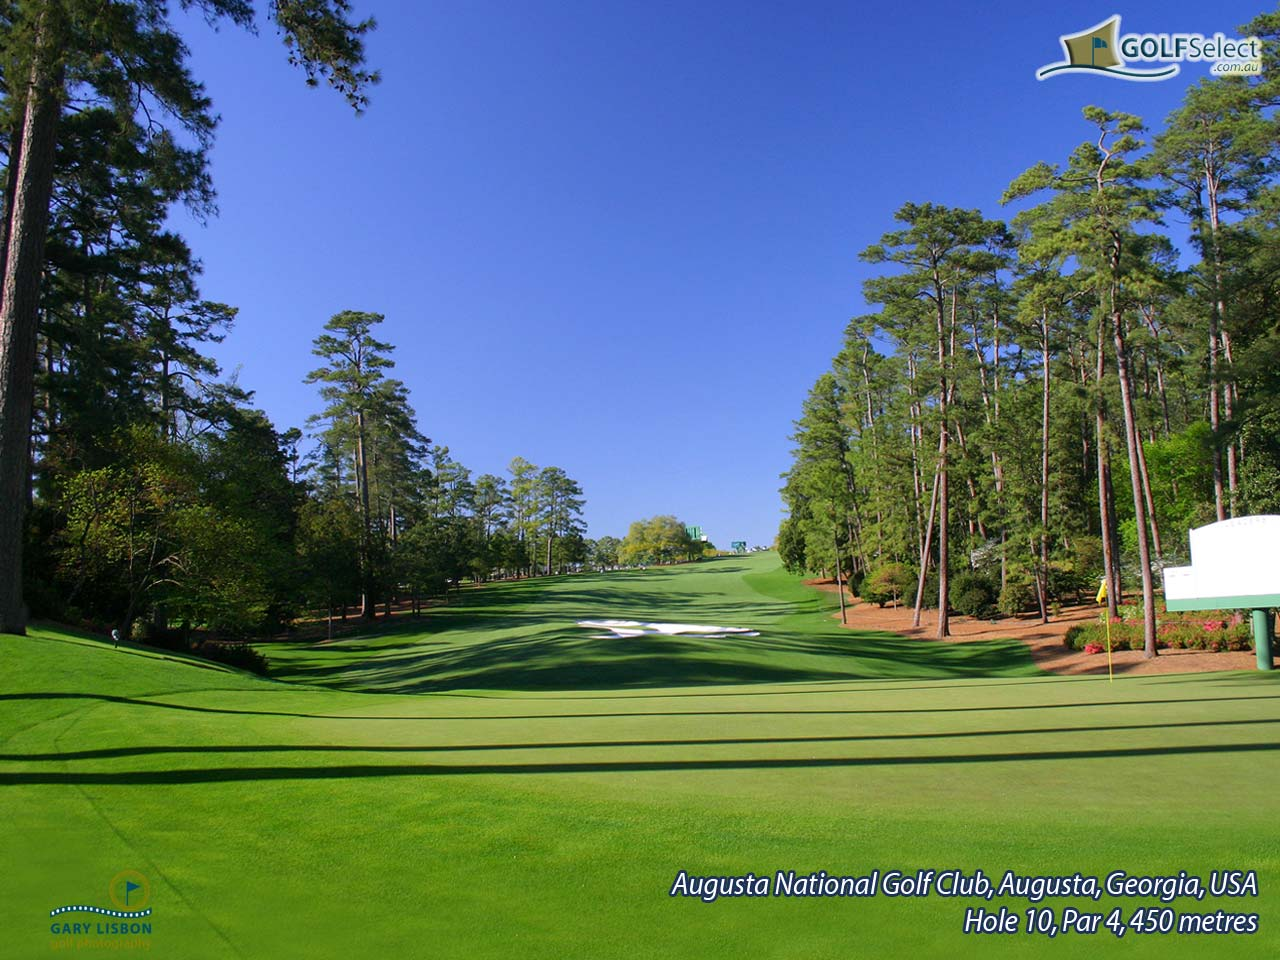 Golf Wallpaper Augusta National Hole 10 Par 4 450 metres 1280x960